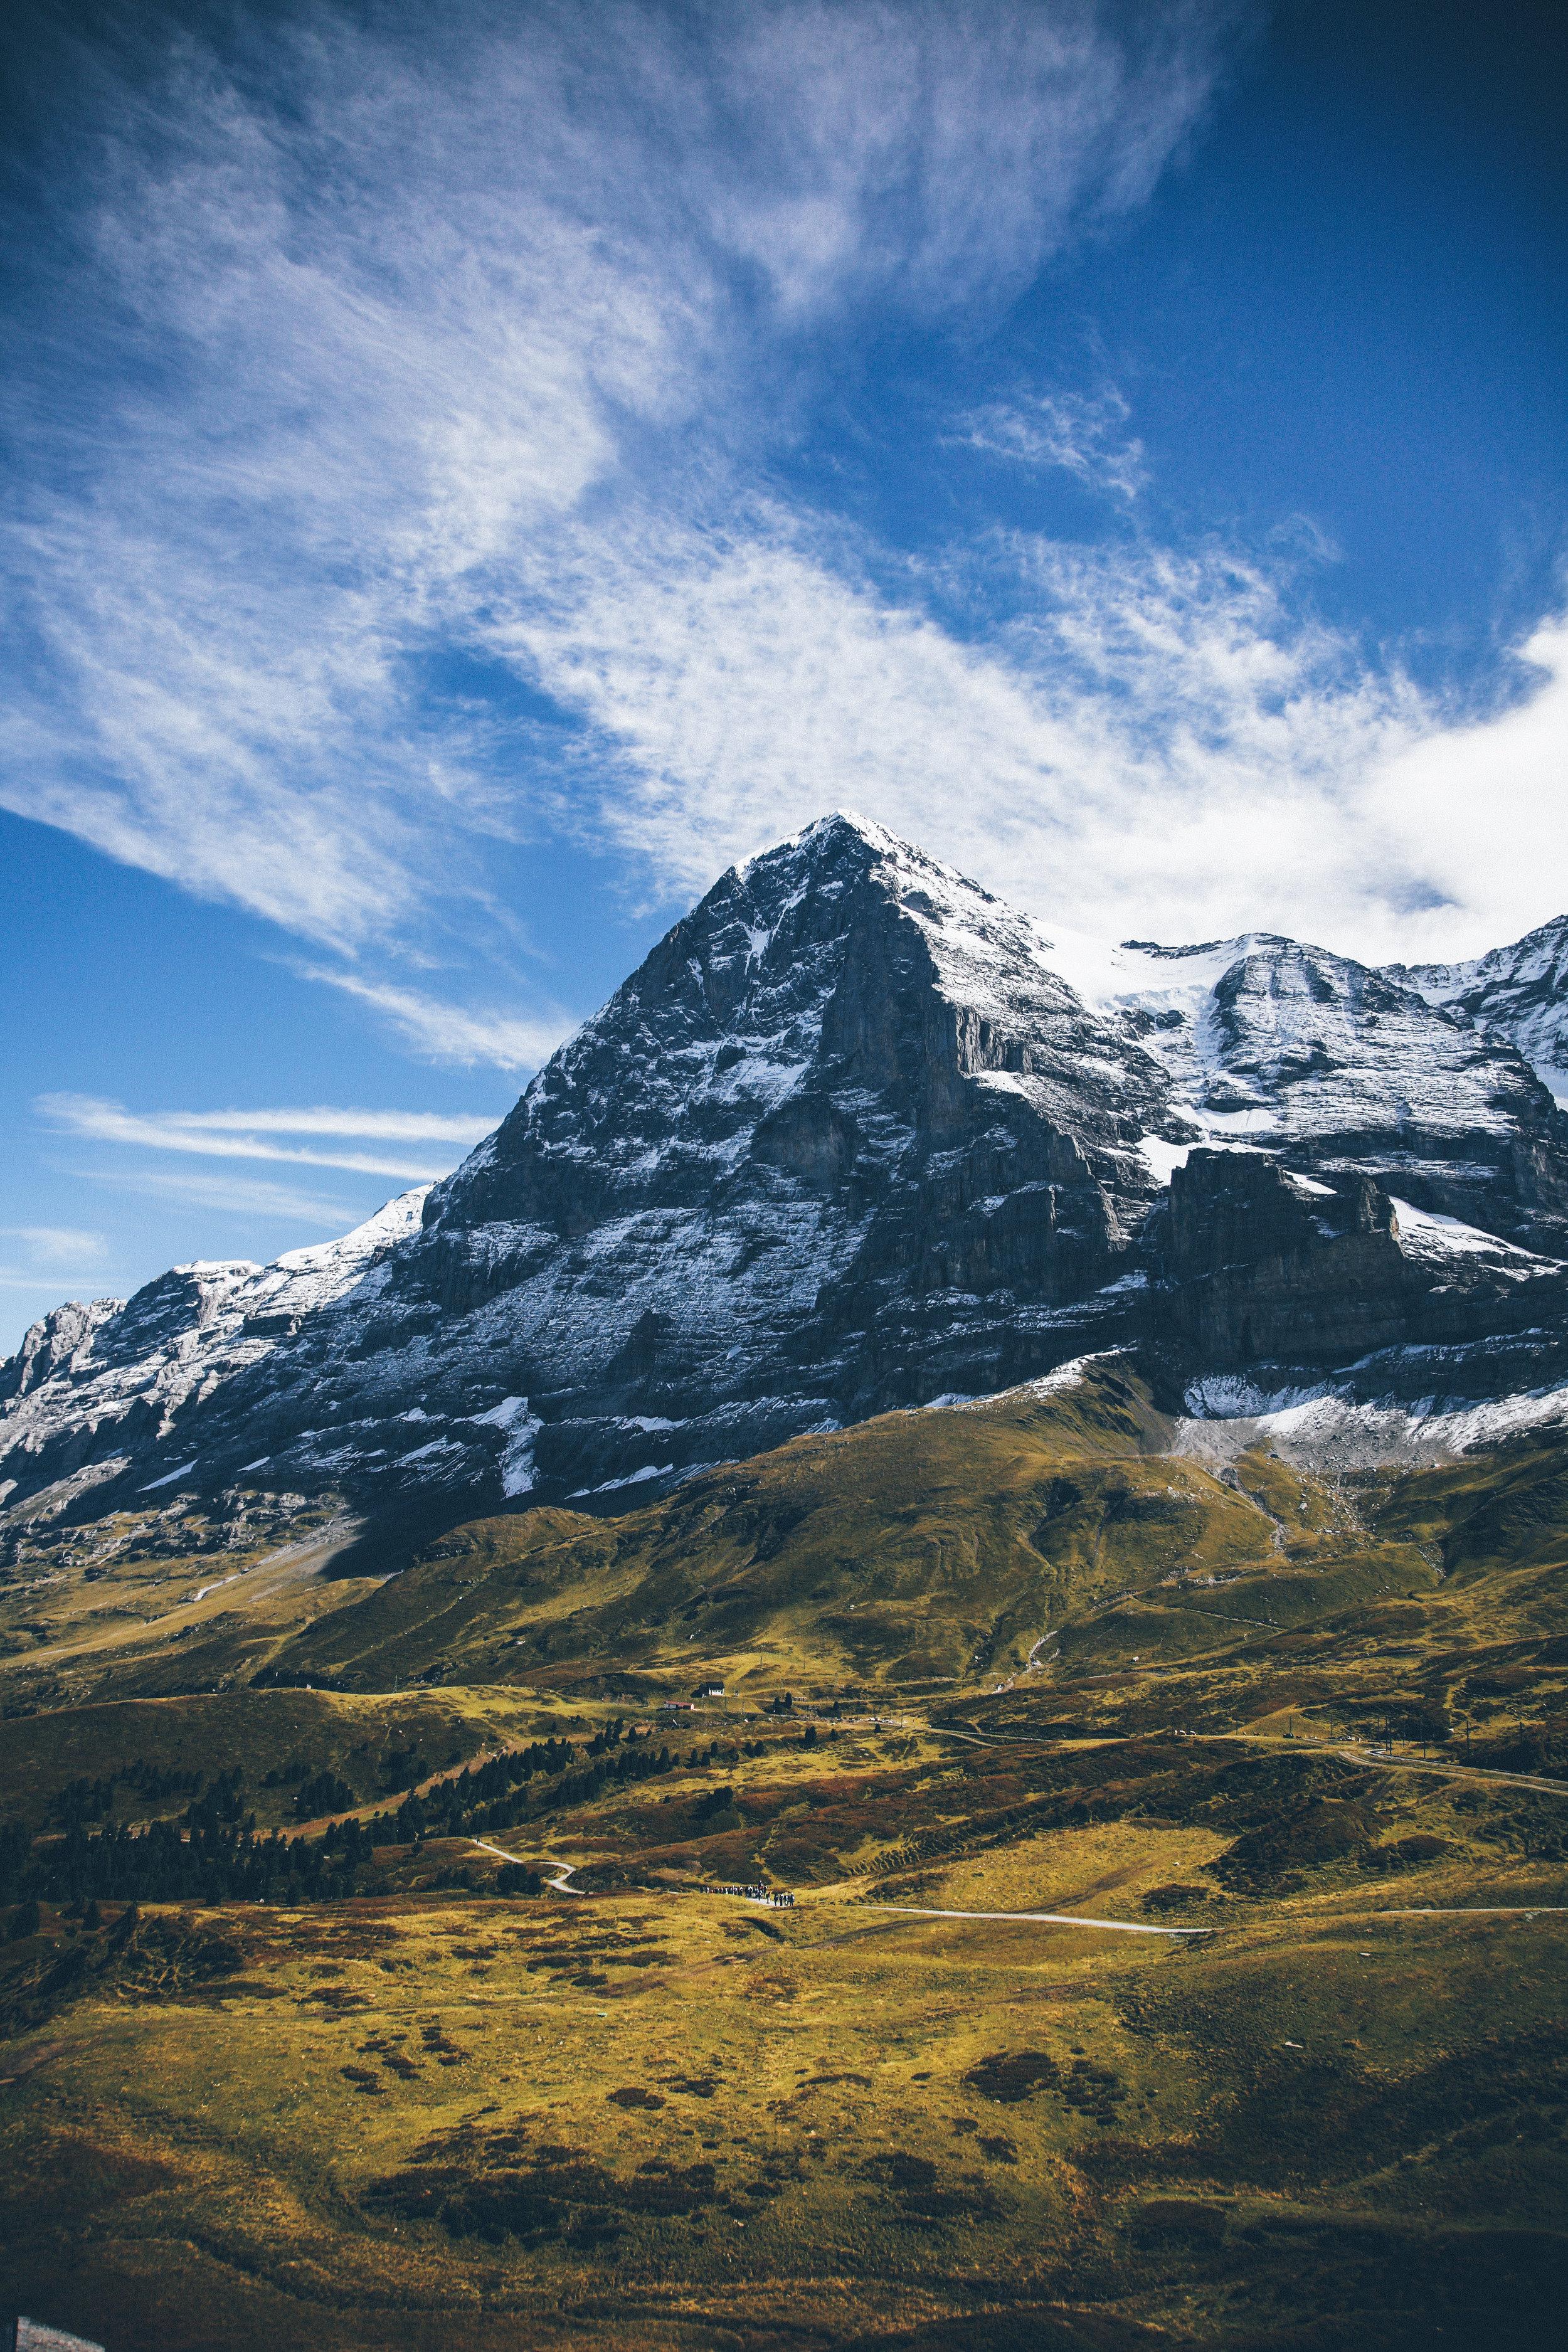 The Eiger, Switzerland